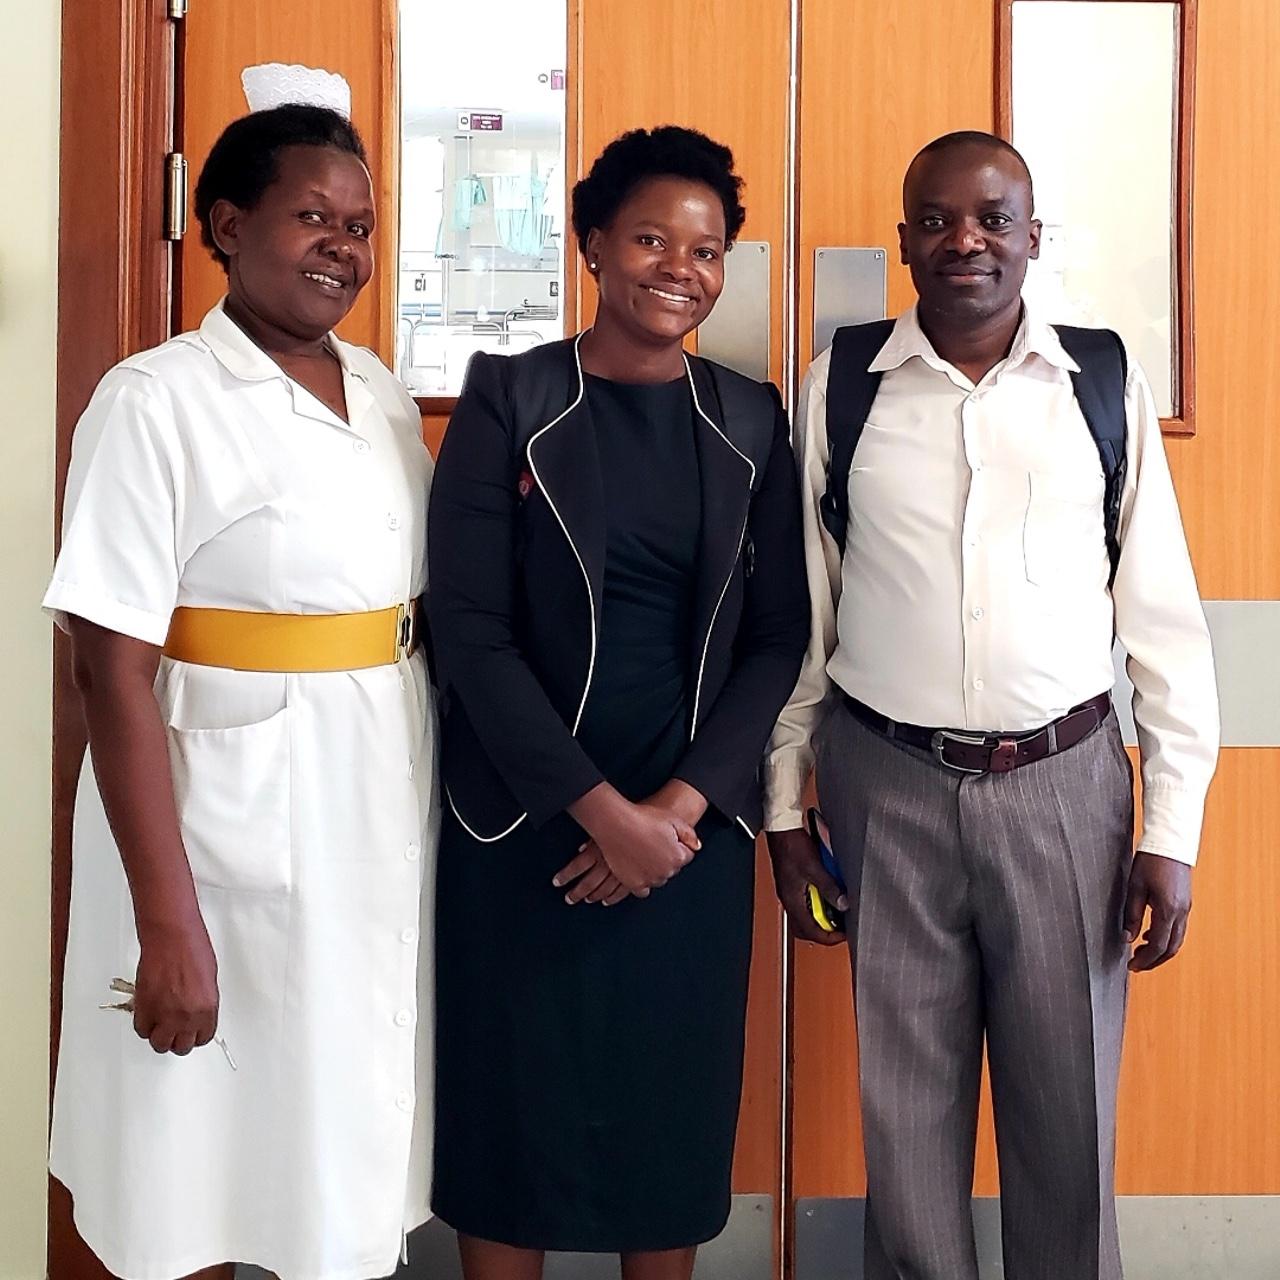 Training Program in Uganda | IGCS